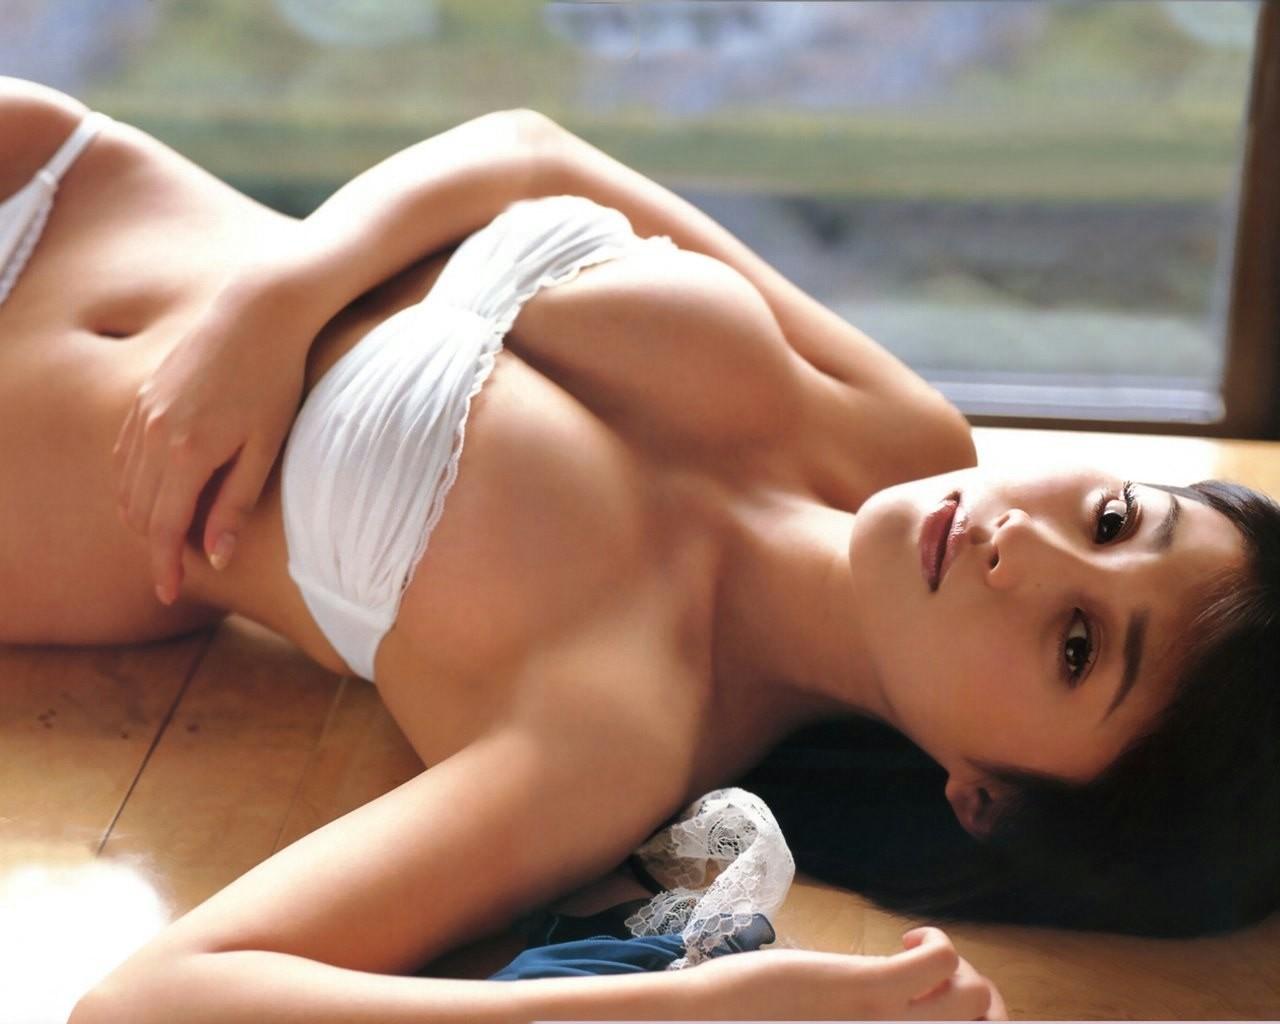 【腋フェチエロ画像】皺が出来てるとなんとなく卑猥な美女たちの生腋(;^ω^)